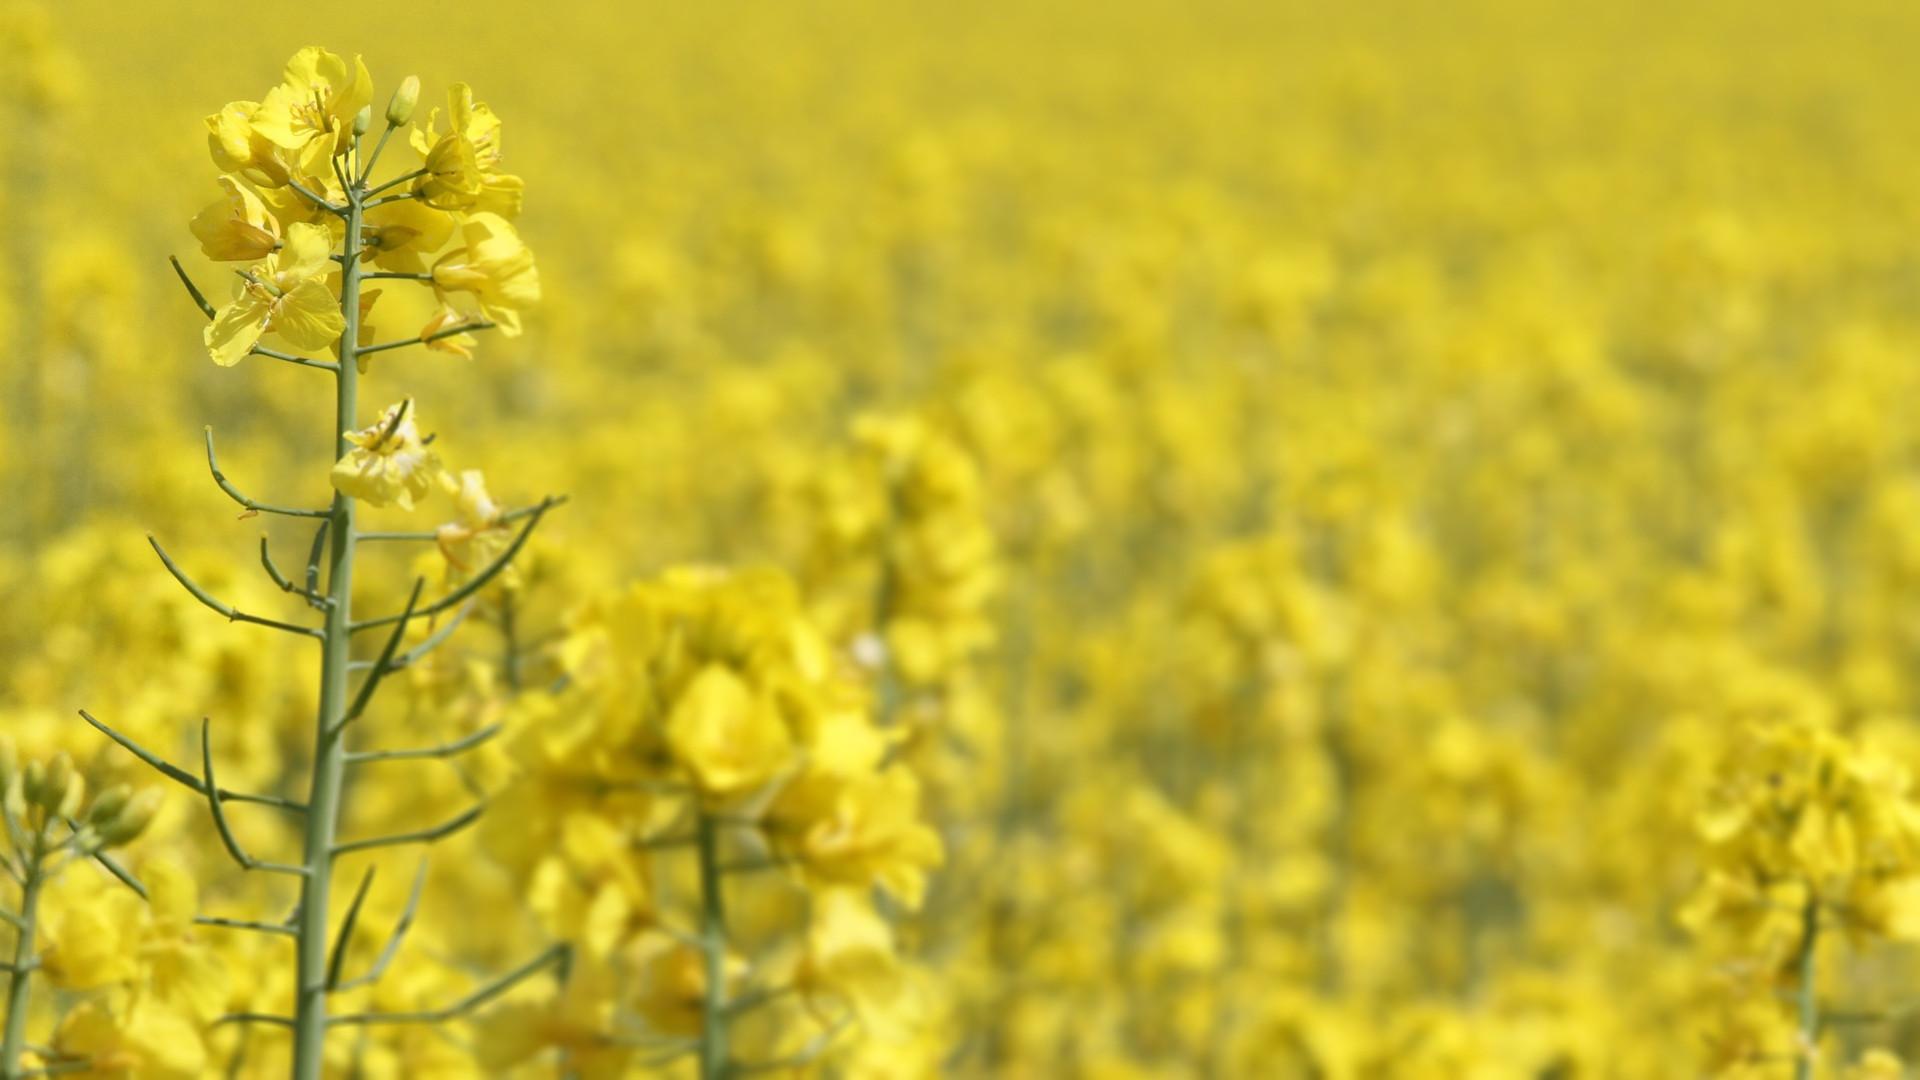 Rape seed monoculture